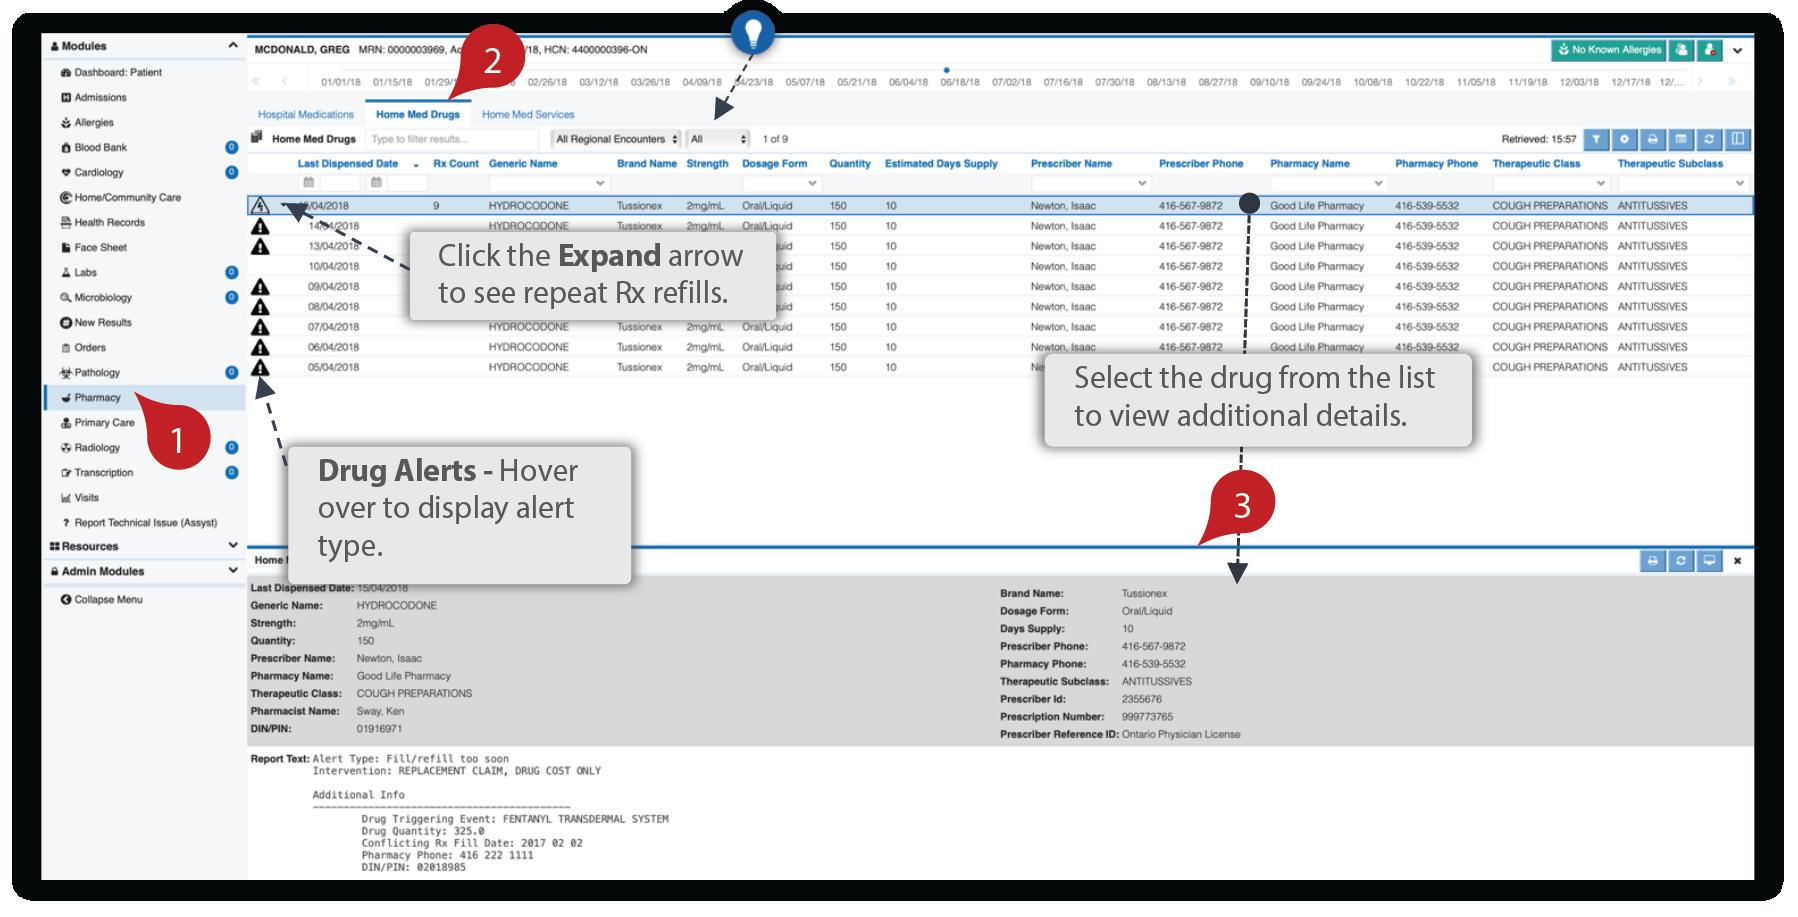 Image showing the home meds details module